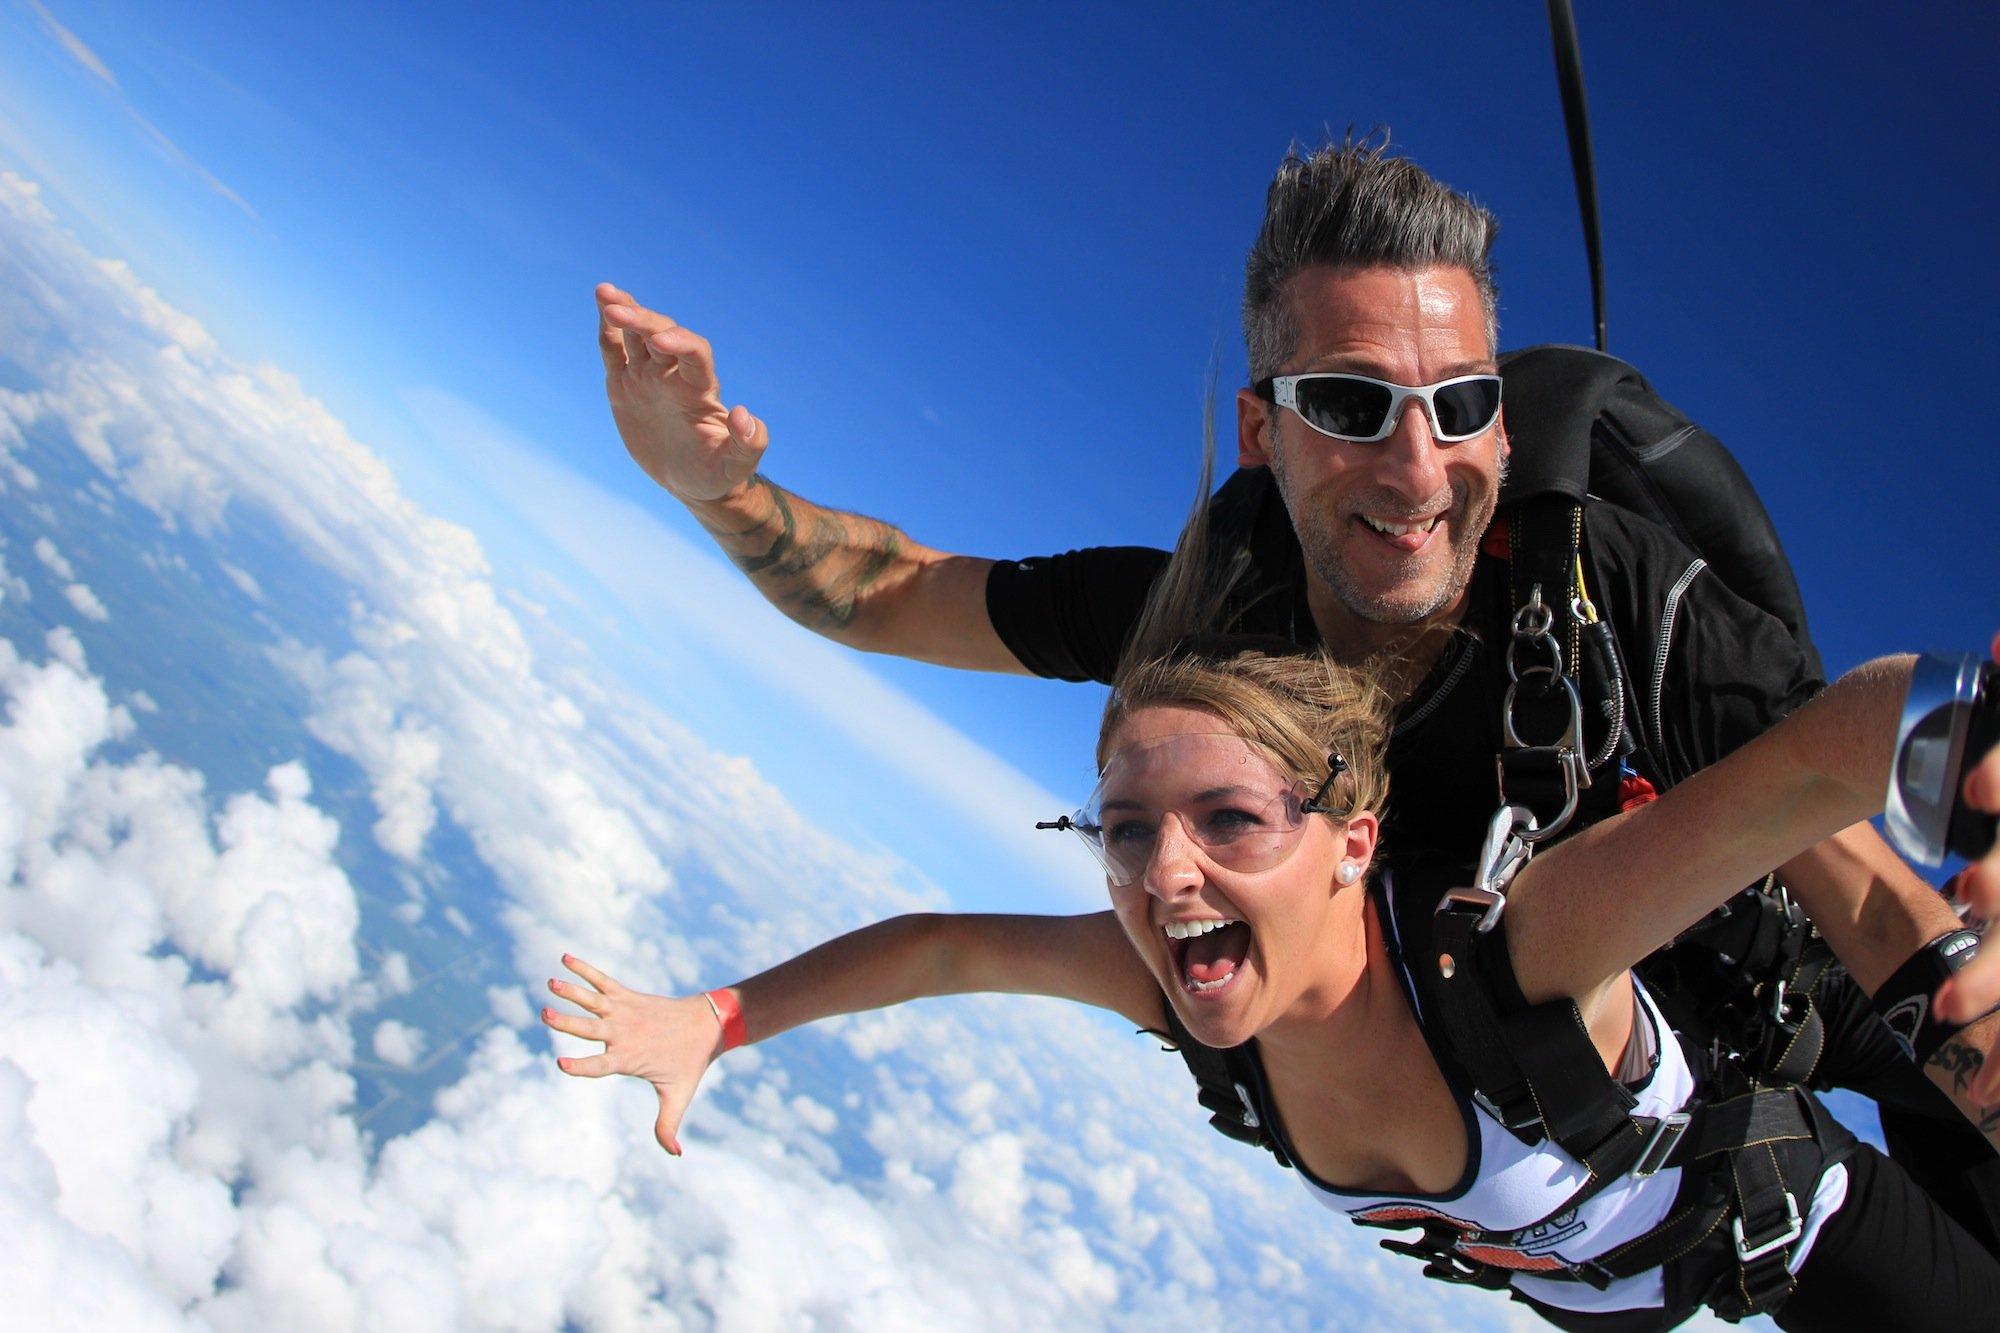 tandem-skydive-at-csc